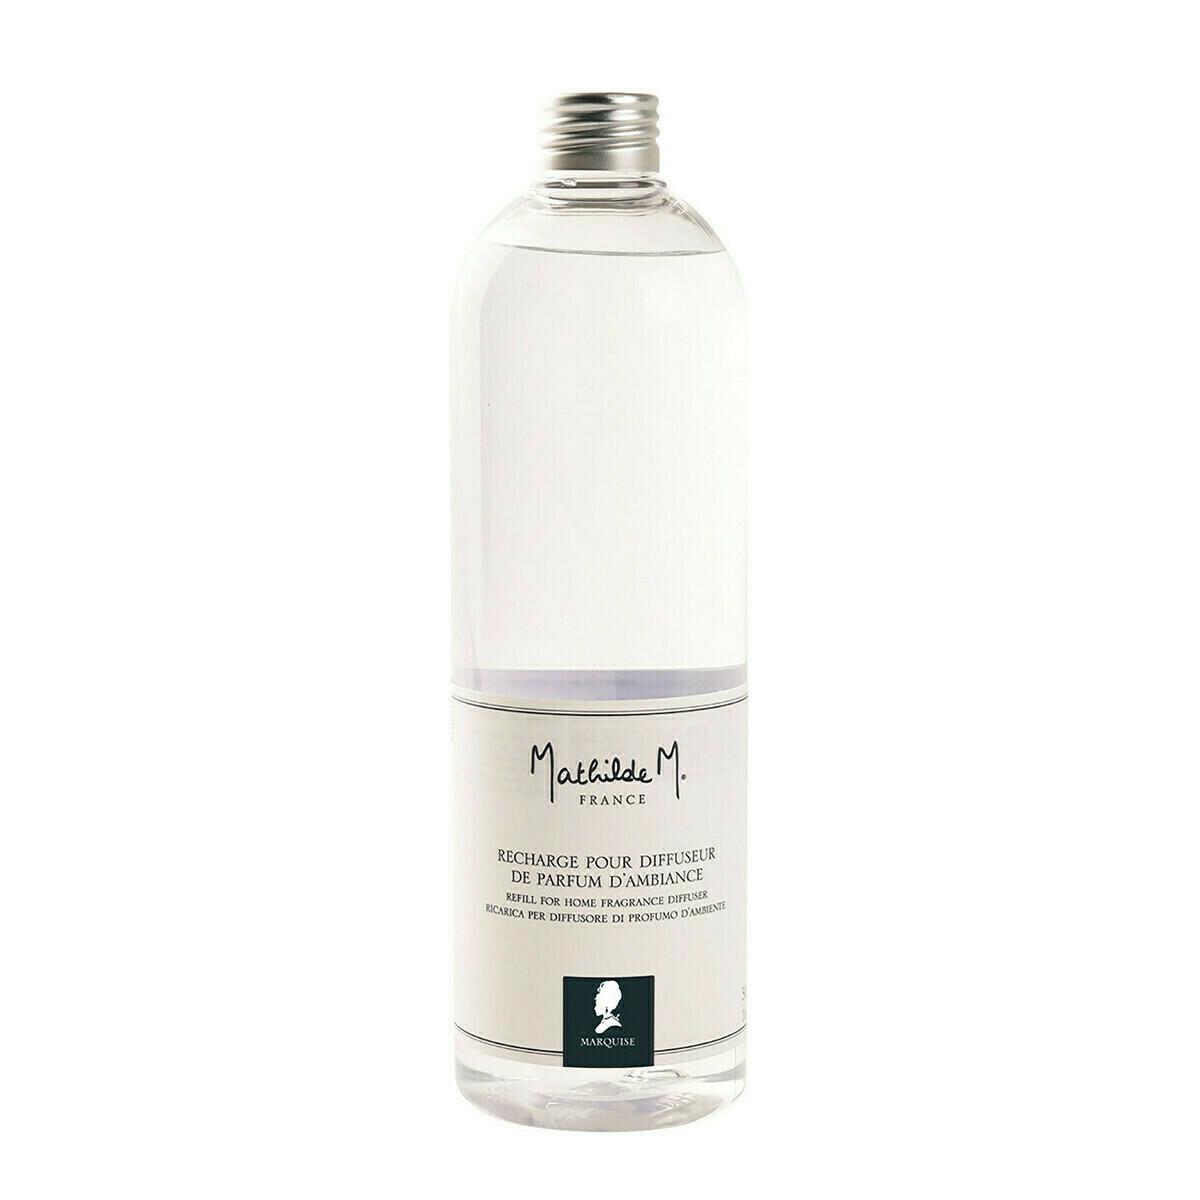 RECHARGE POUR DIFFUSEUR DE PARFUM D'AMBIANCE - 500 ml - DIVINE MARQUISE